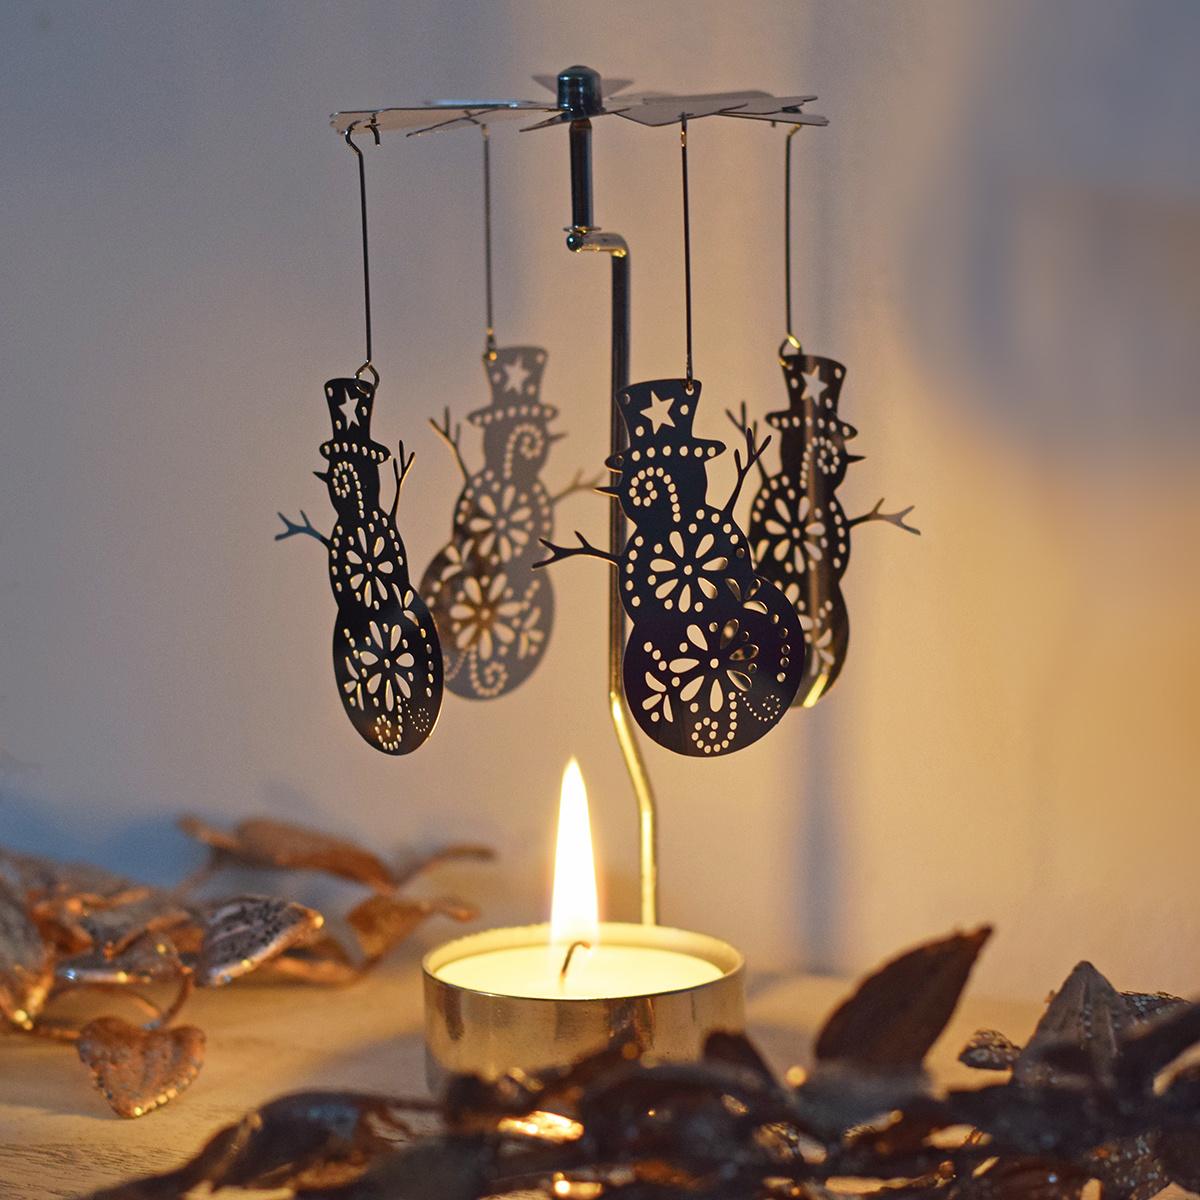 Andělské zvonění - Sněhulák